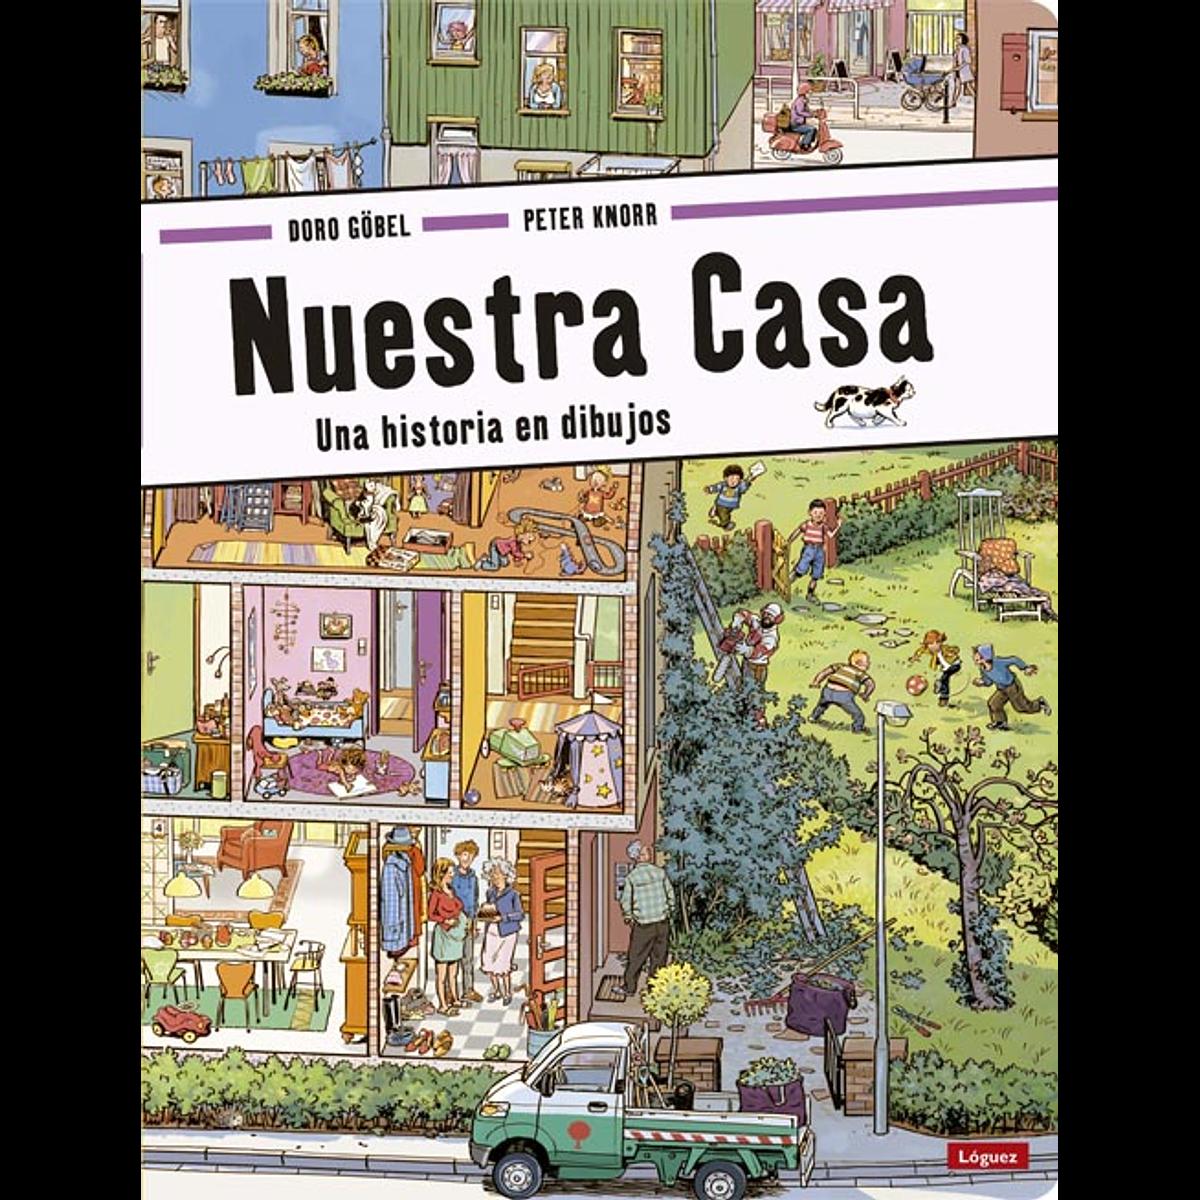 NUESTRA CASA : UNA HISTORIA DE DIBUJOS